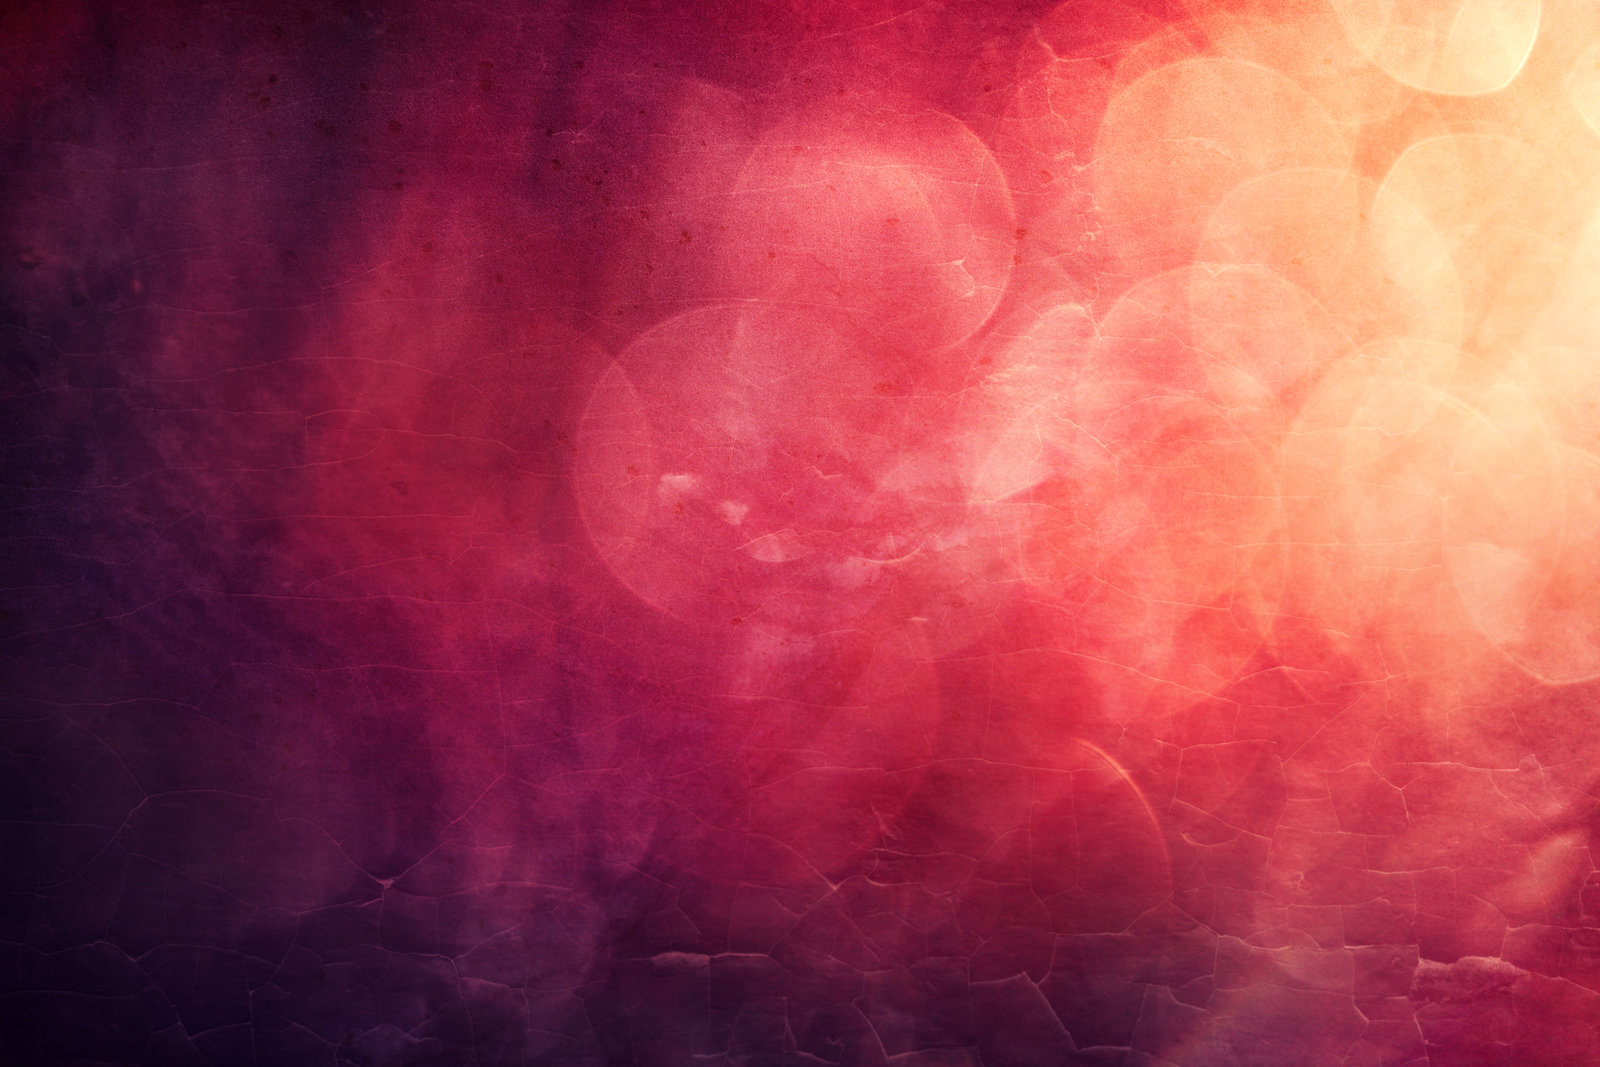 Текстуры картинки для фотошопа, всей души благодарю